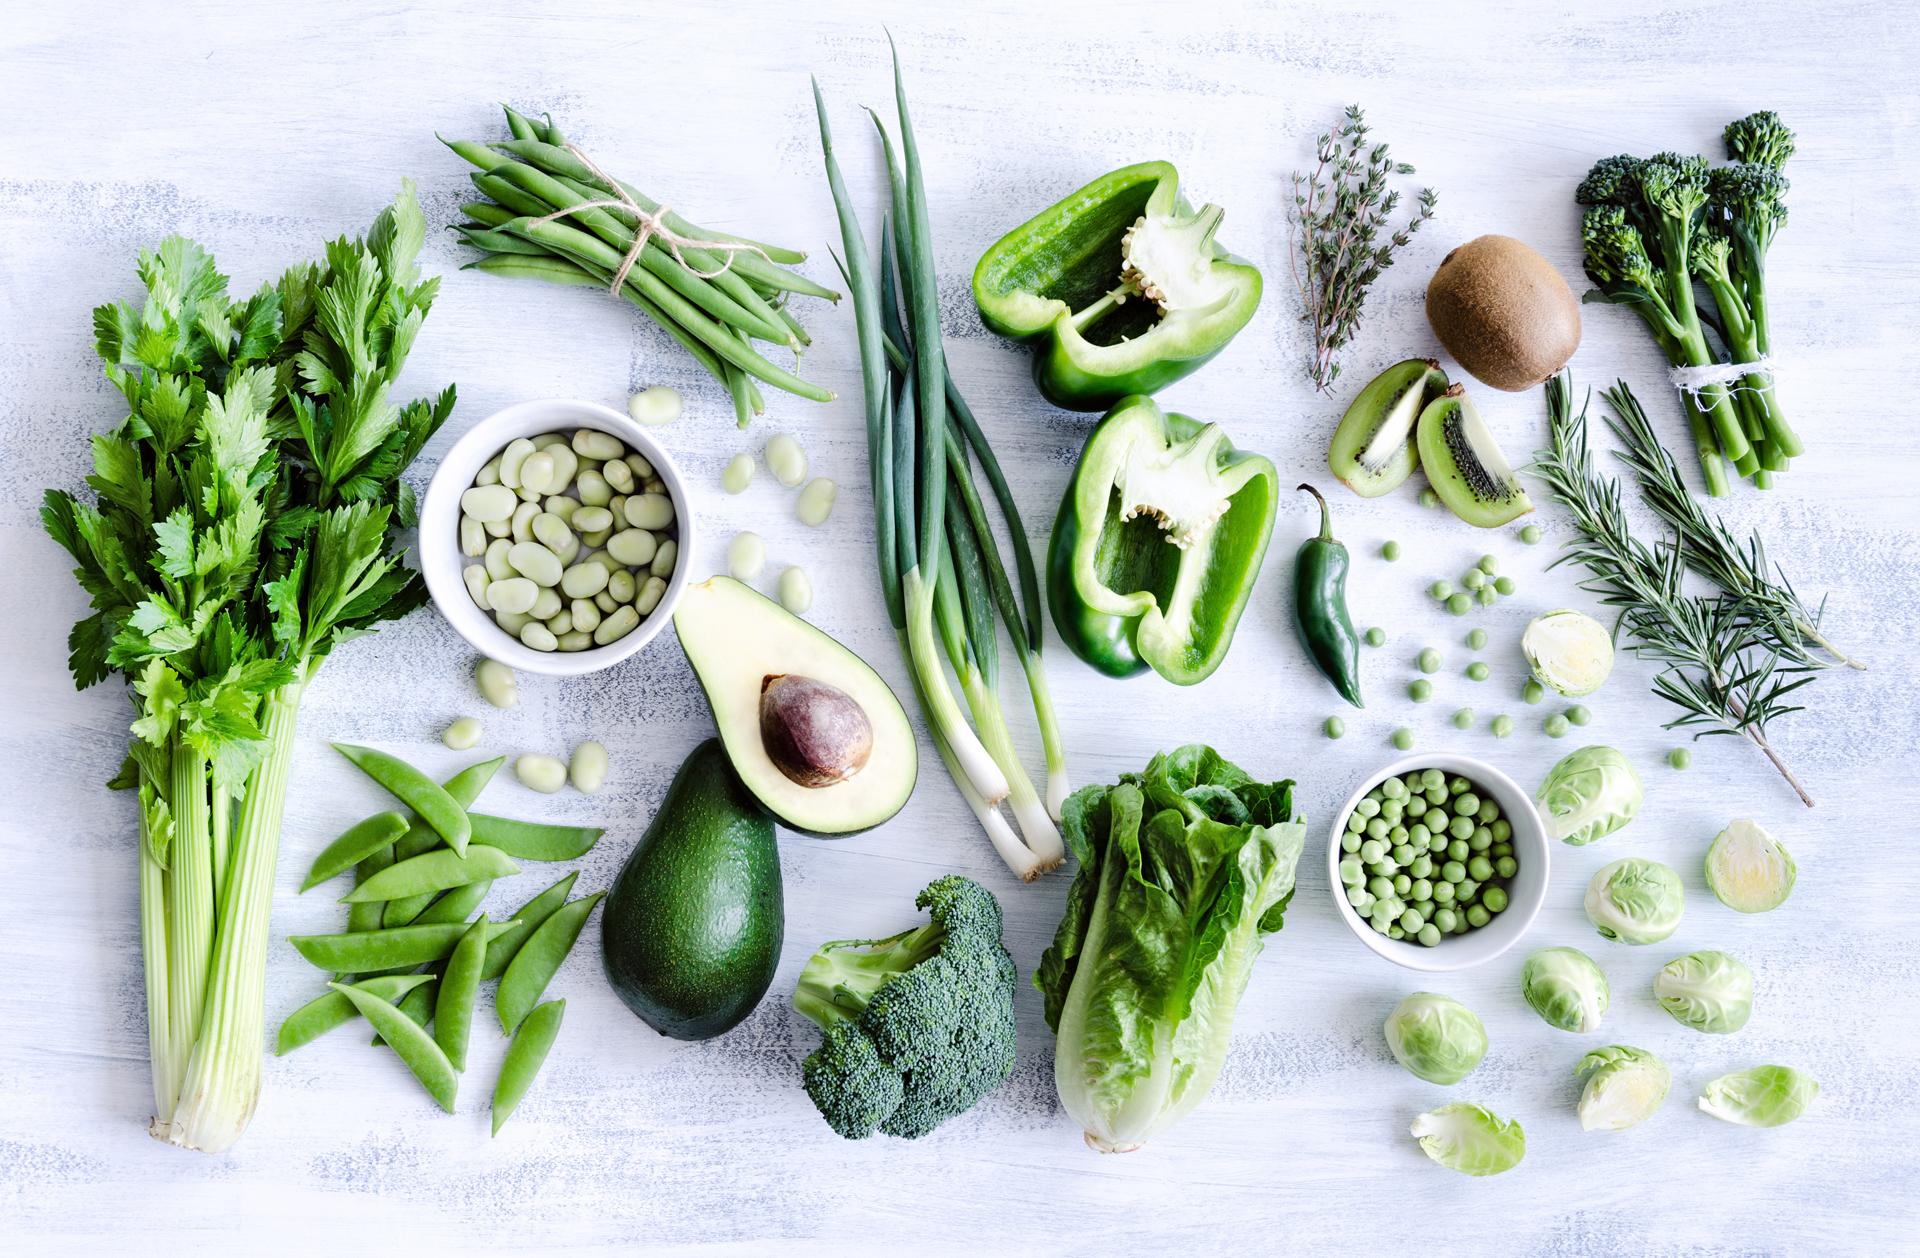 Los platos en las comidas deben incluir una variedad de vegetales de distintos colores: verdes, rojos, violetas y aquellos fuente de betacaroteno (Getty Images)